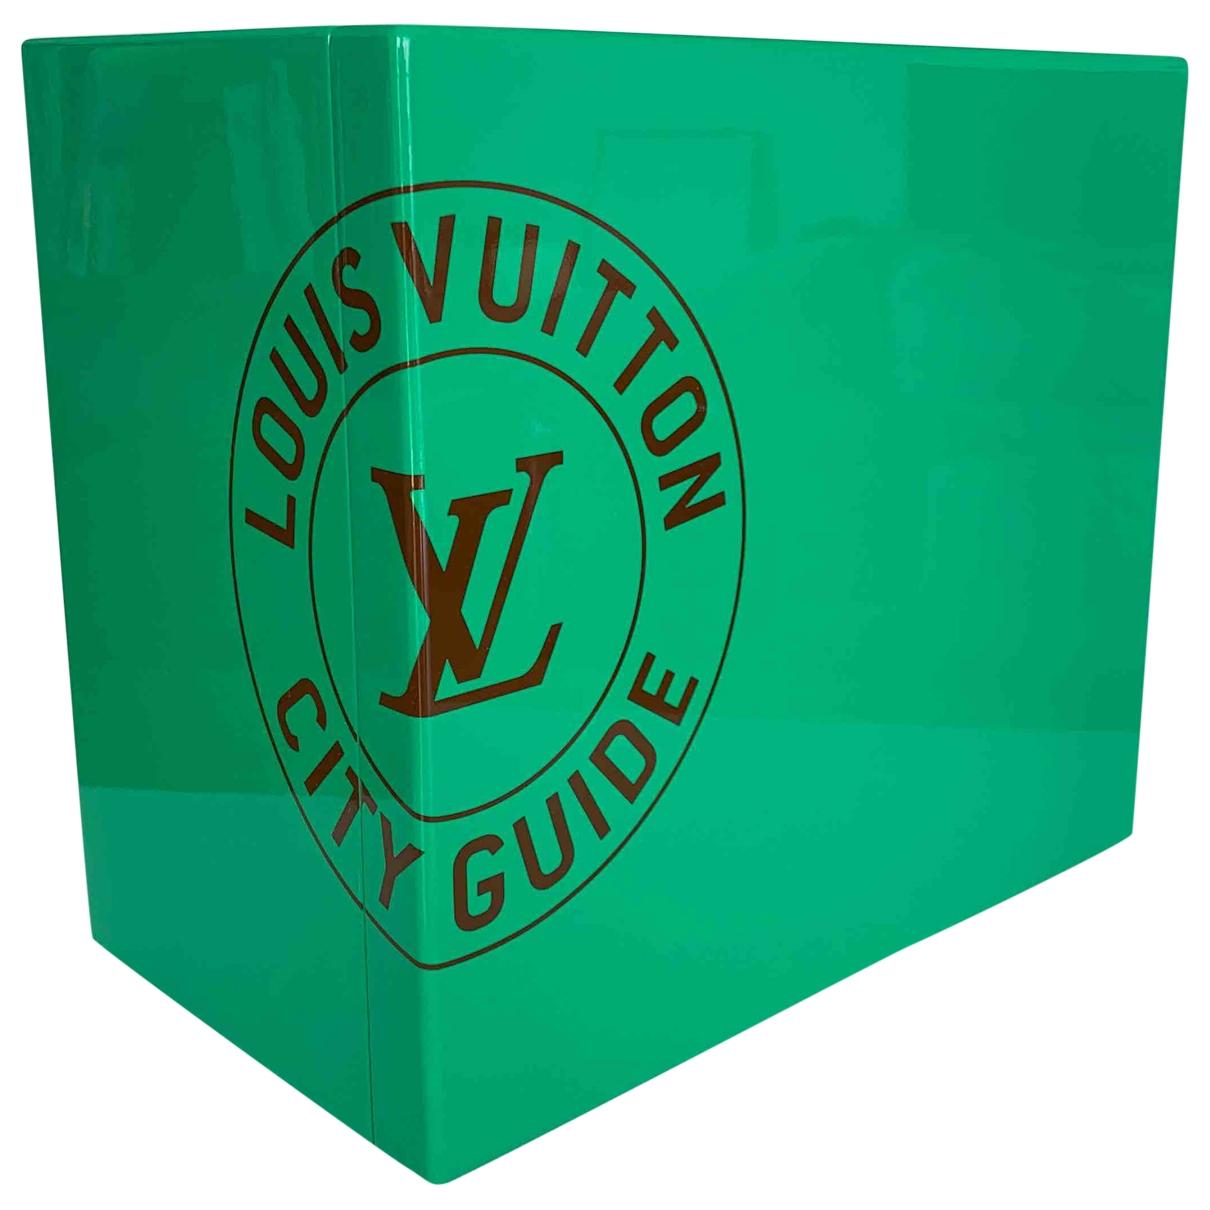 Louis Vuitton - Voyages City Guide pour lifestyle en bois - vert